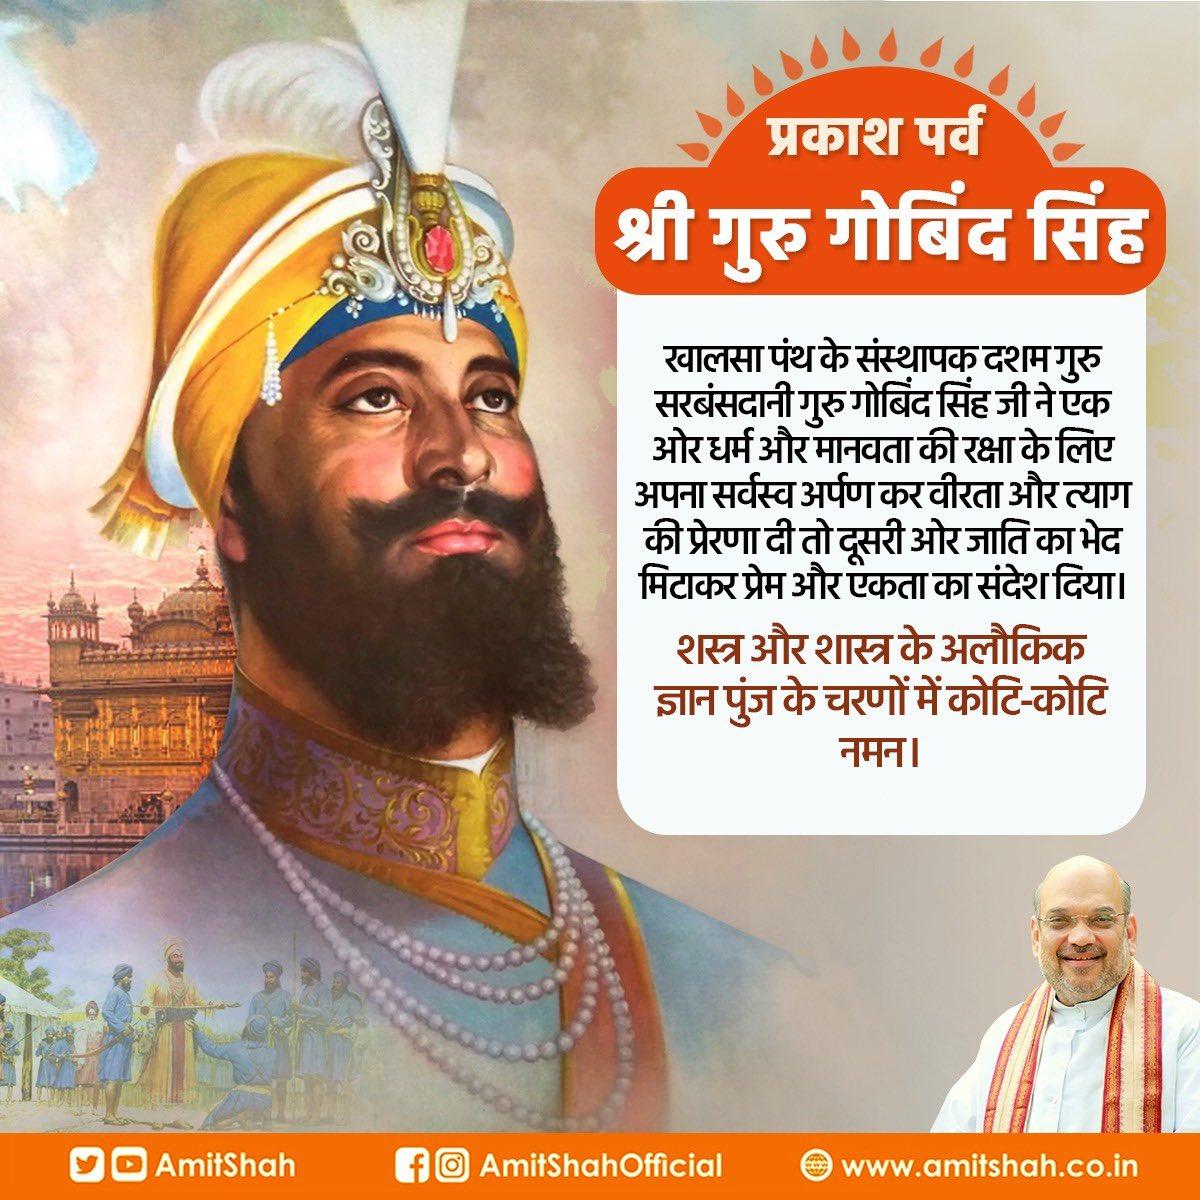 खालसा पंथ के संस्थापक दशम गुरु सरबंसदानी गुरु गोबिंद सिंह जी ने एक ओर धर्म और मानवता की रक्षा के लिए अपना सर्वस्व अर्पण कर वीरता और त्याग की प्रेरणा दी तो दूसरी ओर जाति का भेद मिटाकर प्रेम और एकता का संदेश दिया।  शस्त्र और शास्त्र के अलौकिक ज्ञान पुंज के चरणों में कोटि-कोटि नमन।